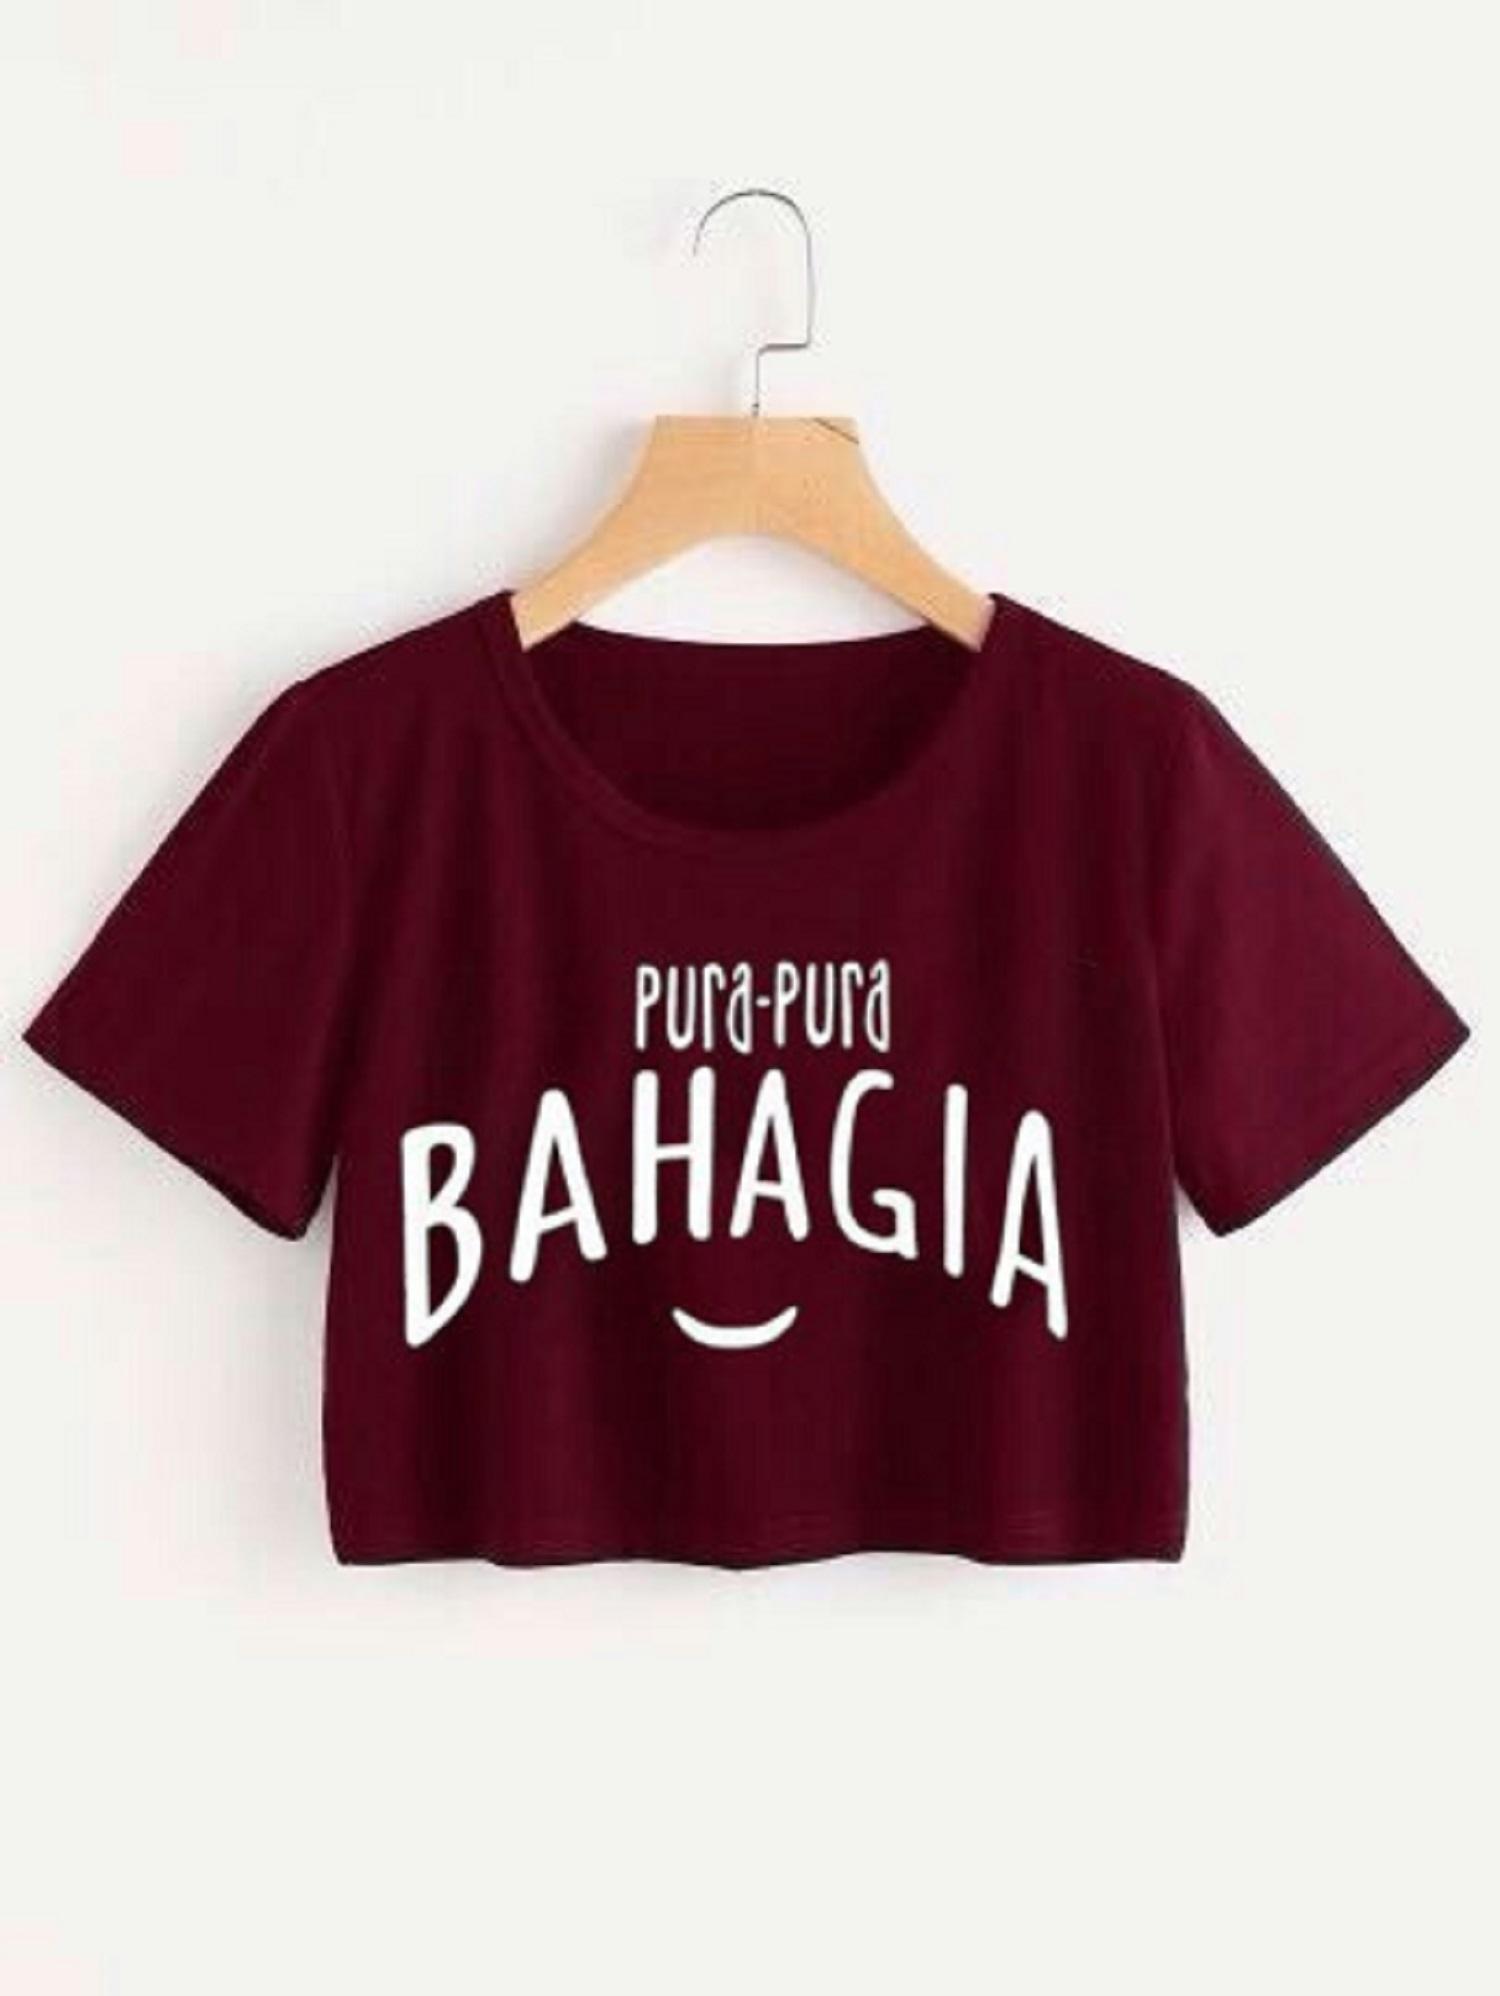 PURA PURA BAHAGIA MARUN CROP TEE / ATASAN WANITA / FIT TO L / BAJU MURAH / TUMBLR / KAOS / MODEL BARU / FASHION